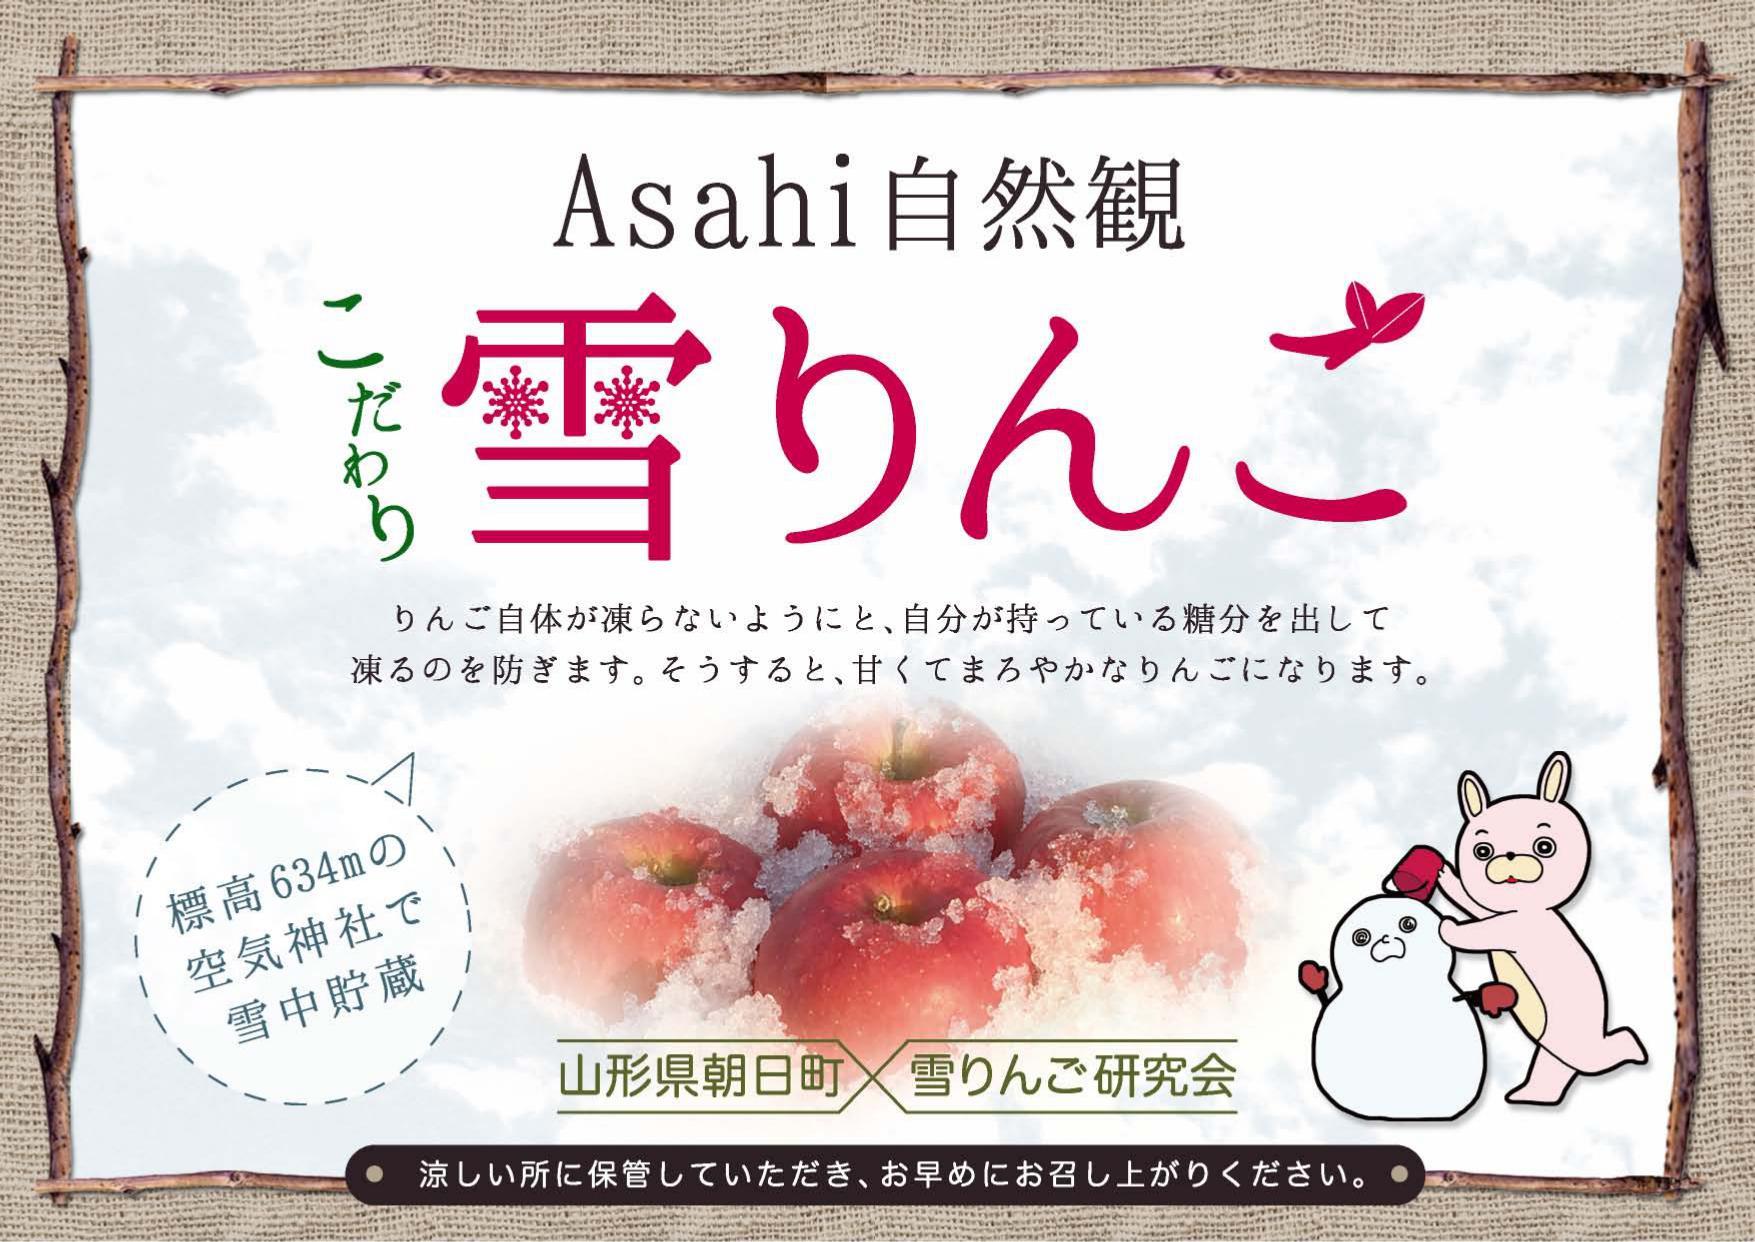 【お知らせ】5/3(水)「雪りんご」発売! ※完売しました※:画像